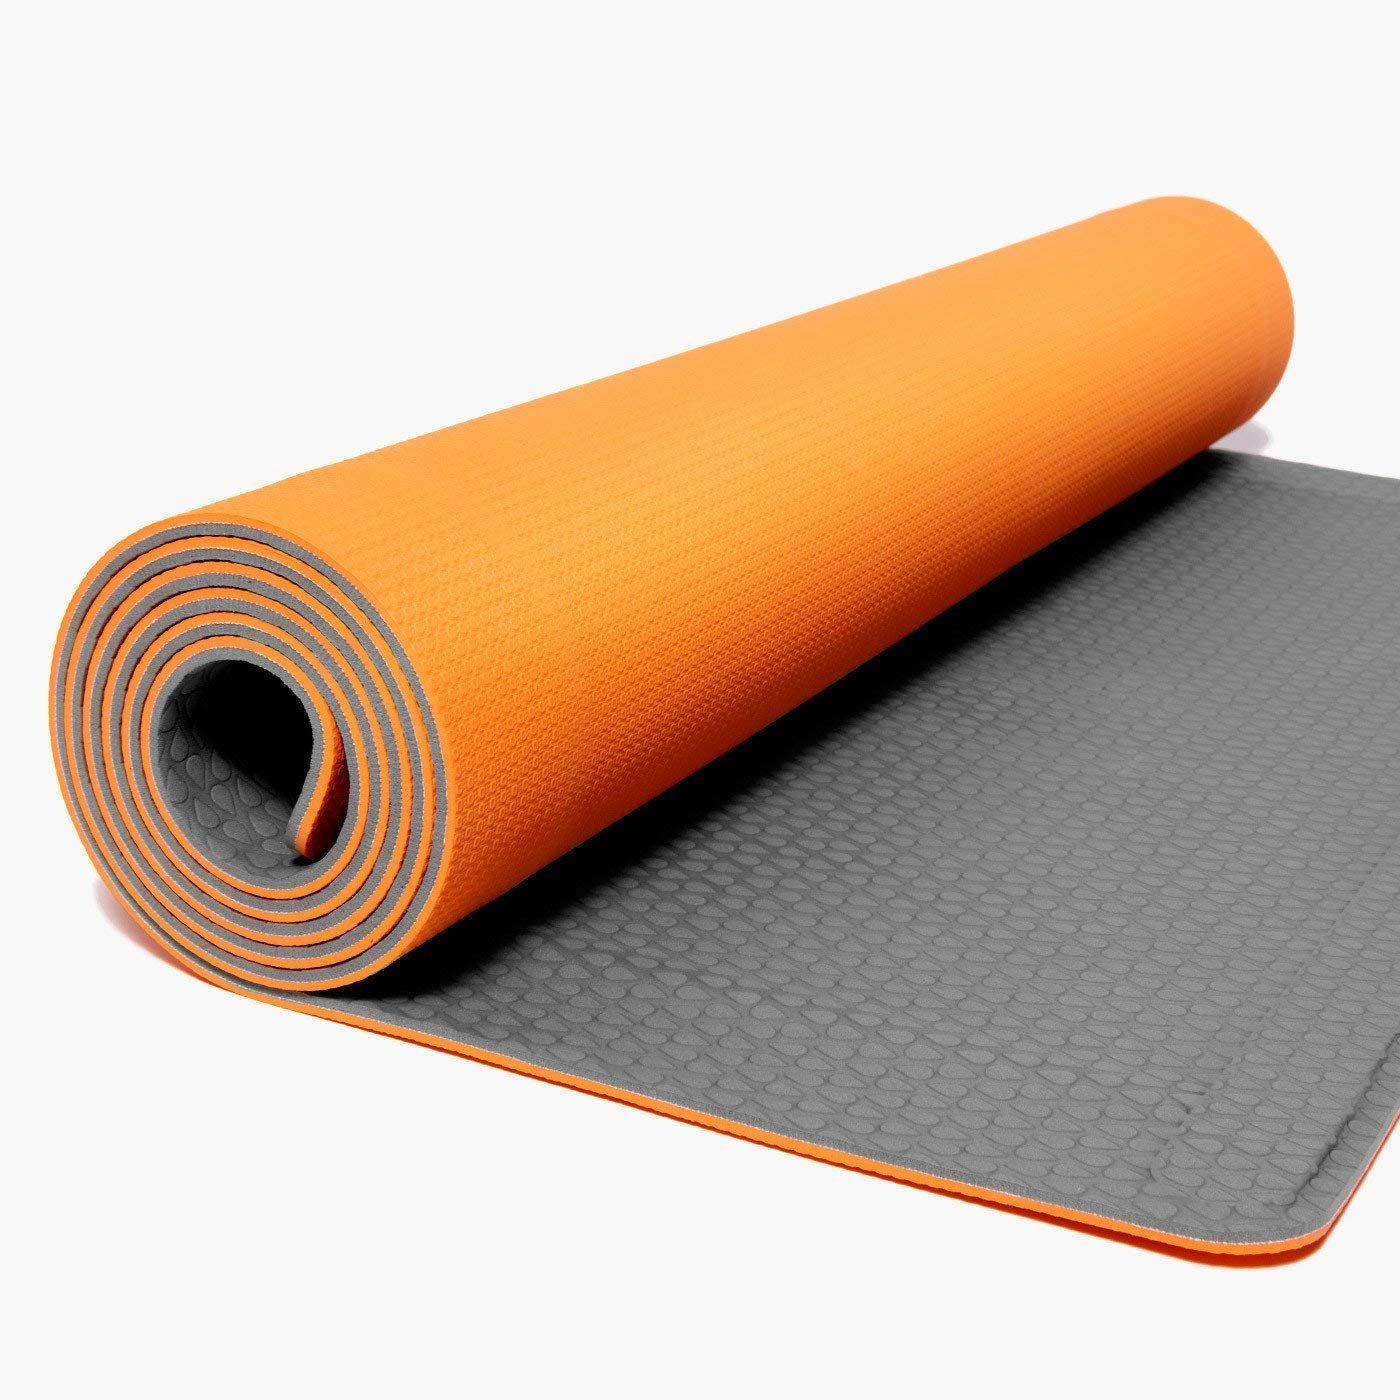 Yoga mat Print yoga mat, Large yoga mat